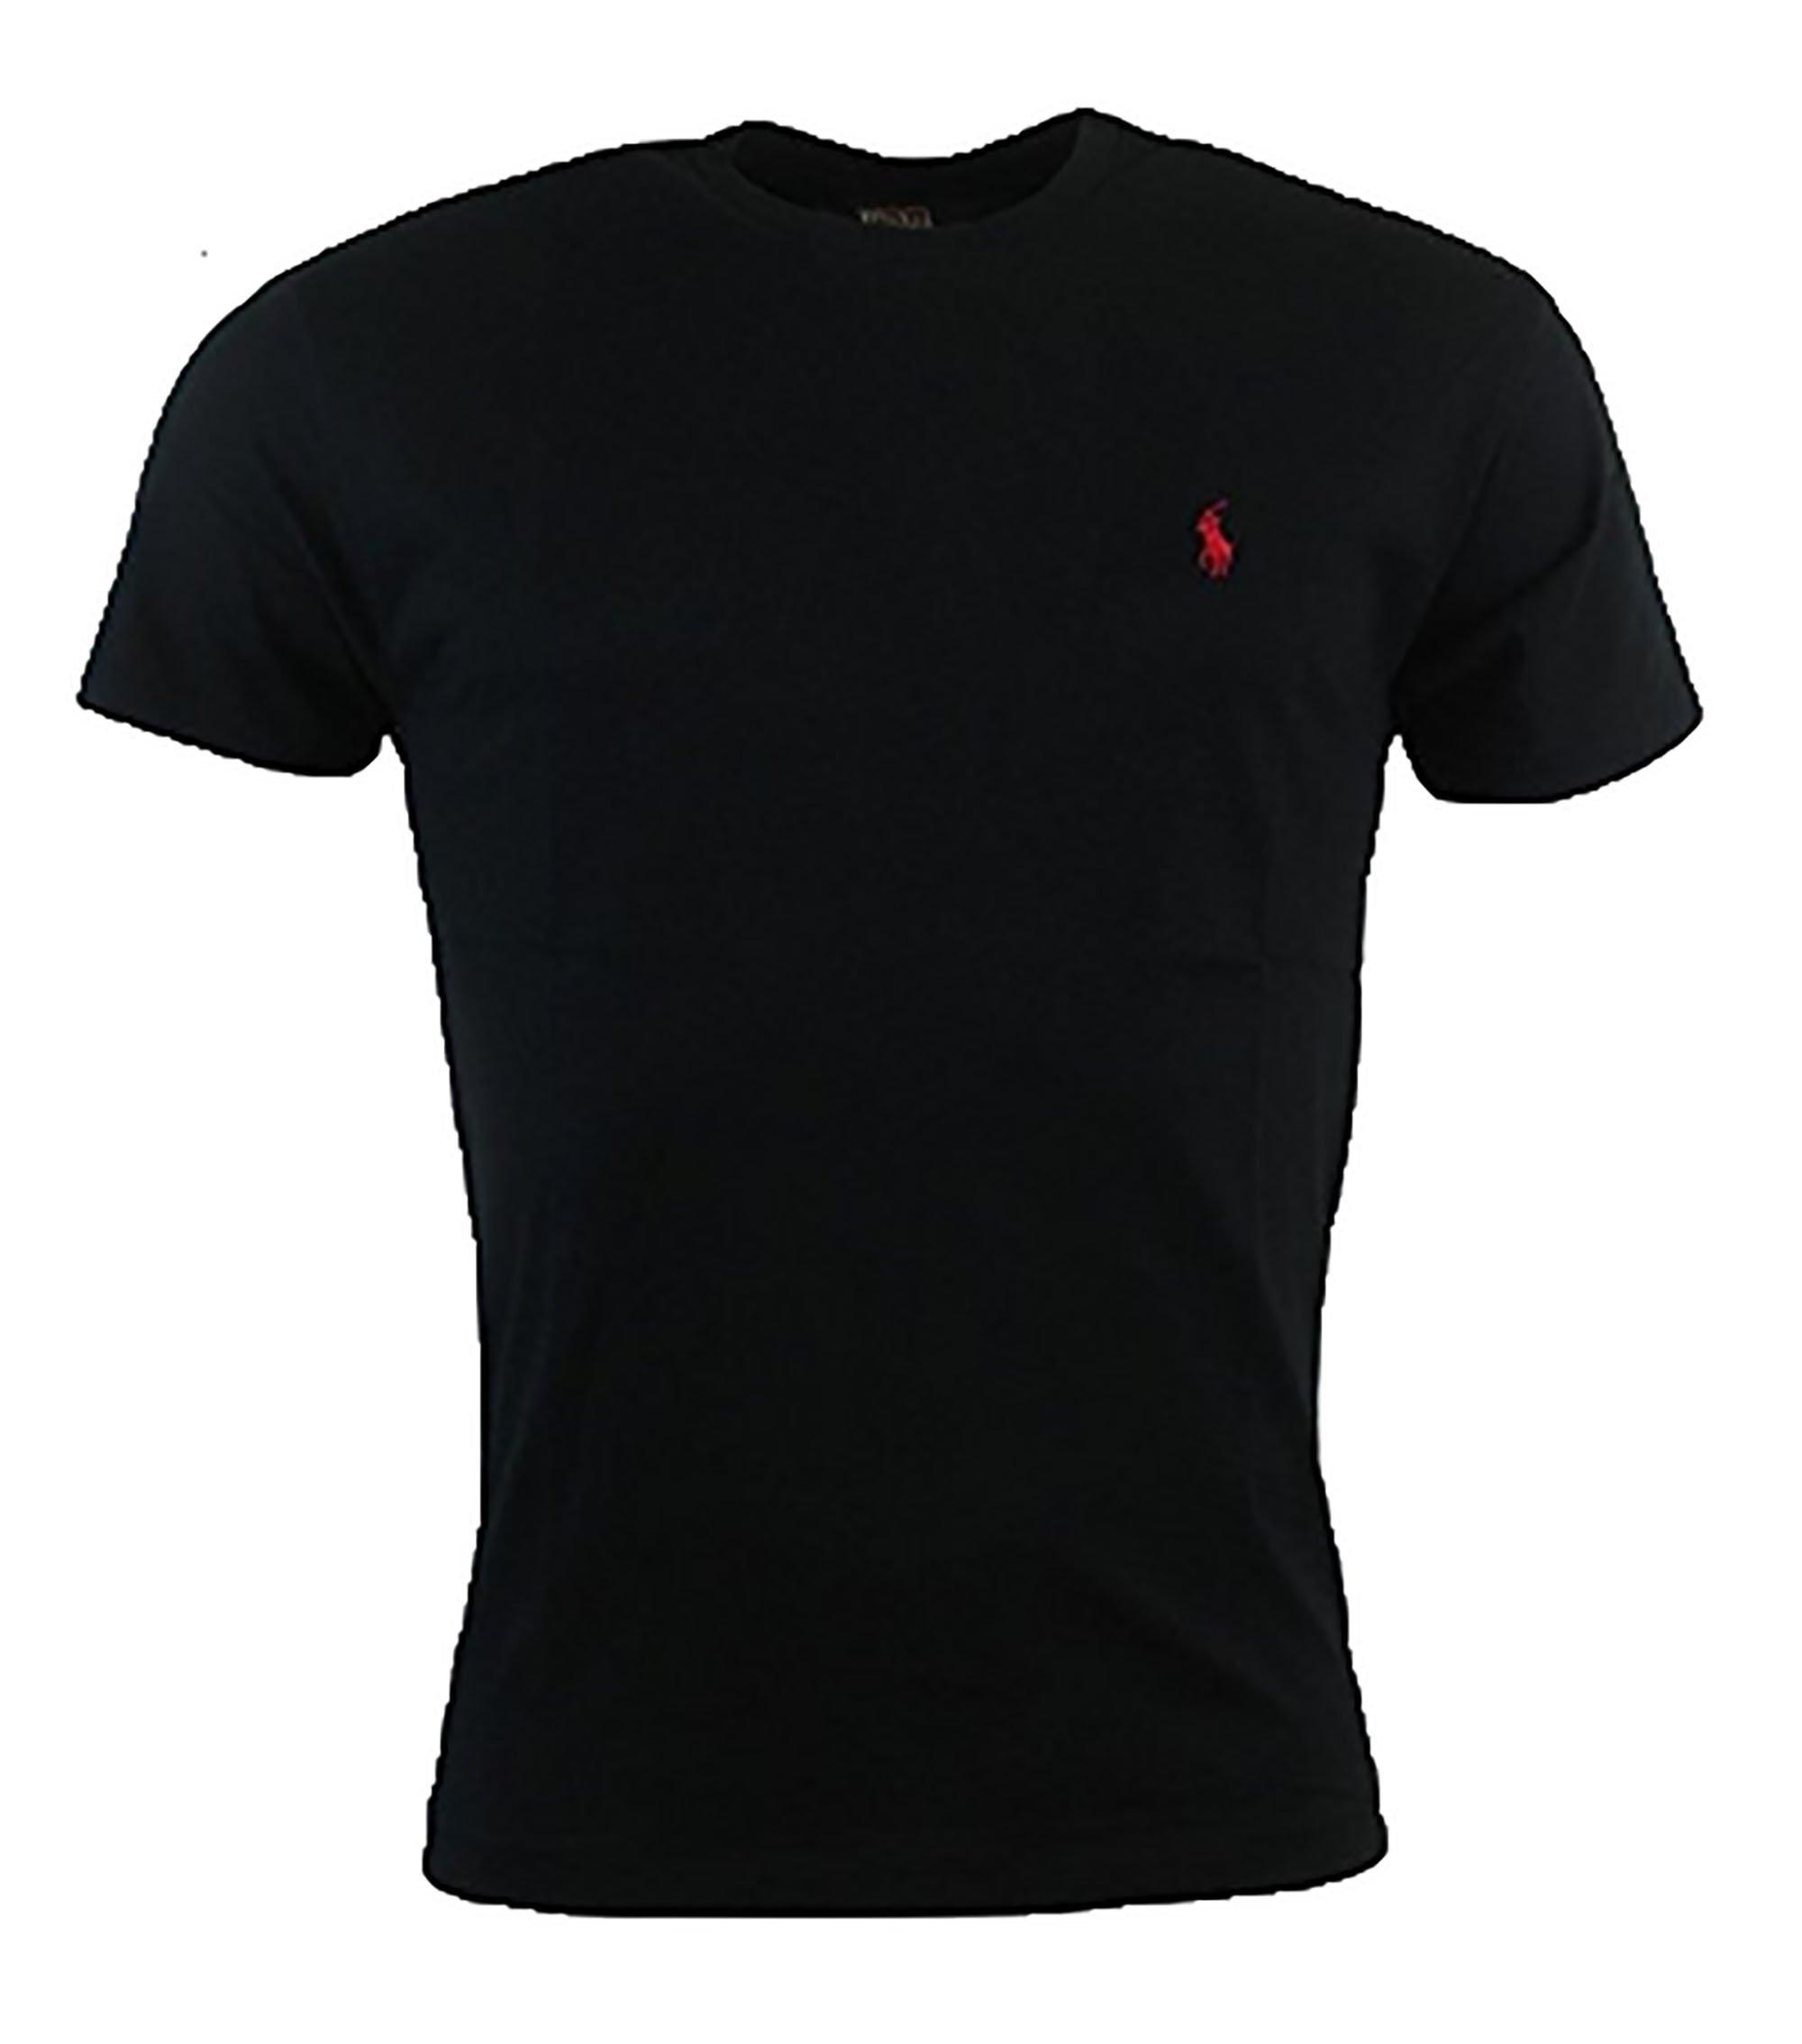 Polo Ralph Lauren Men's Classic Fit T-Shirt (Large, RL Black)